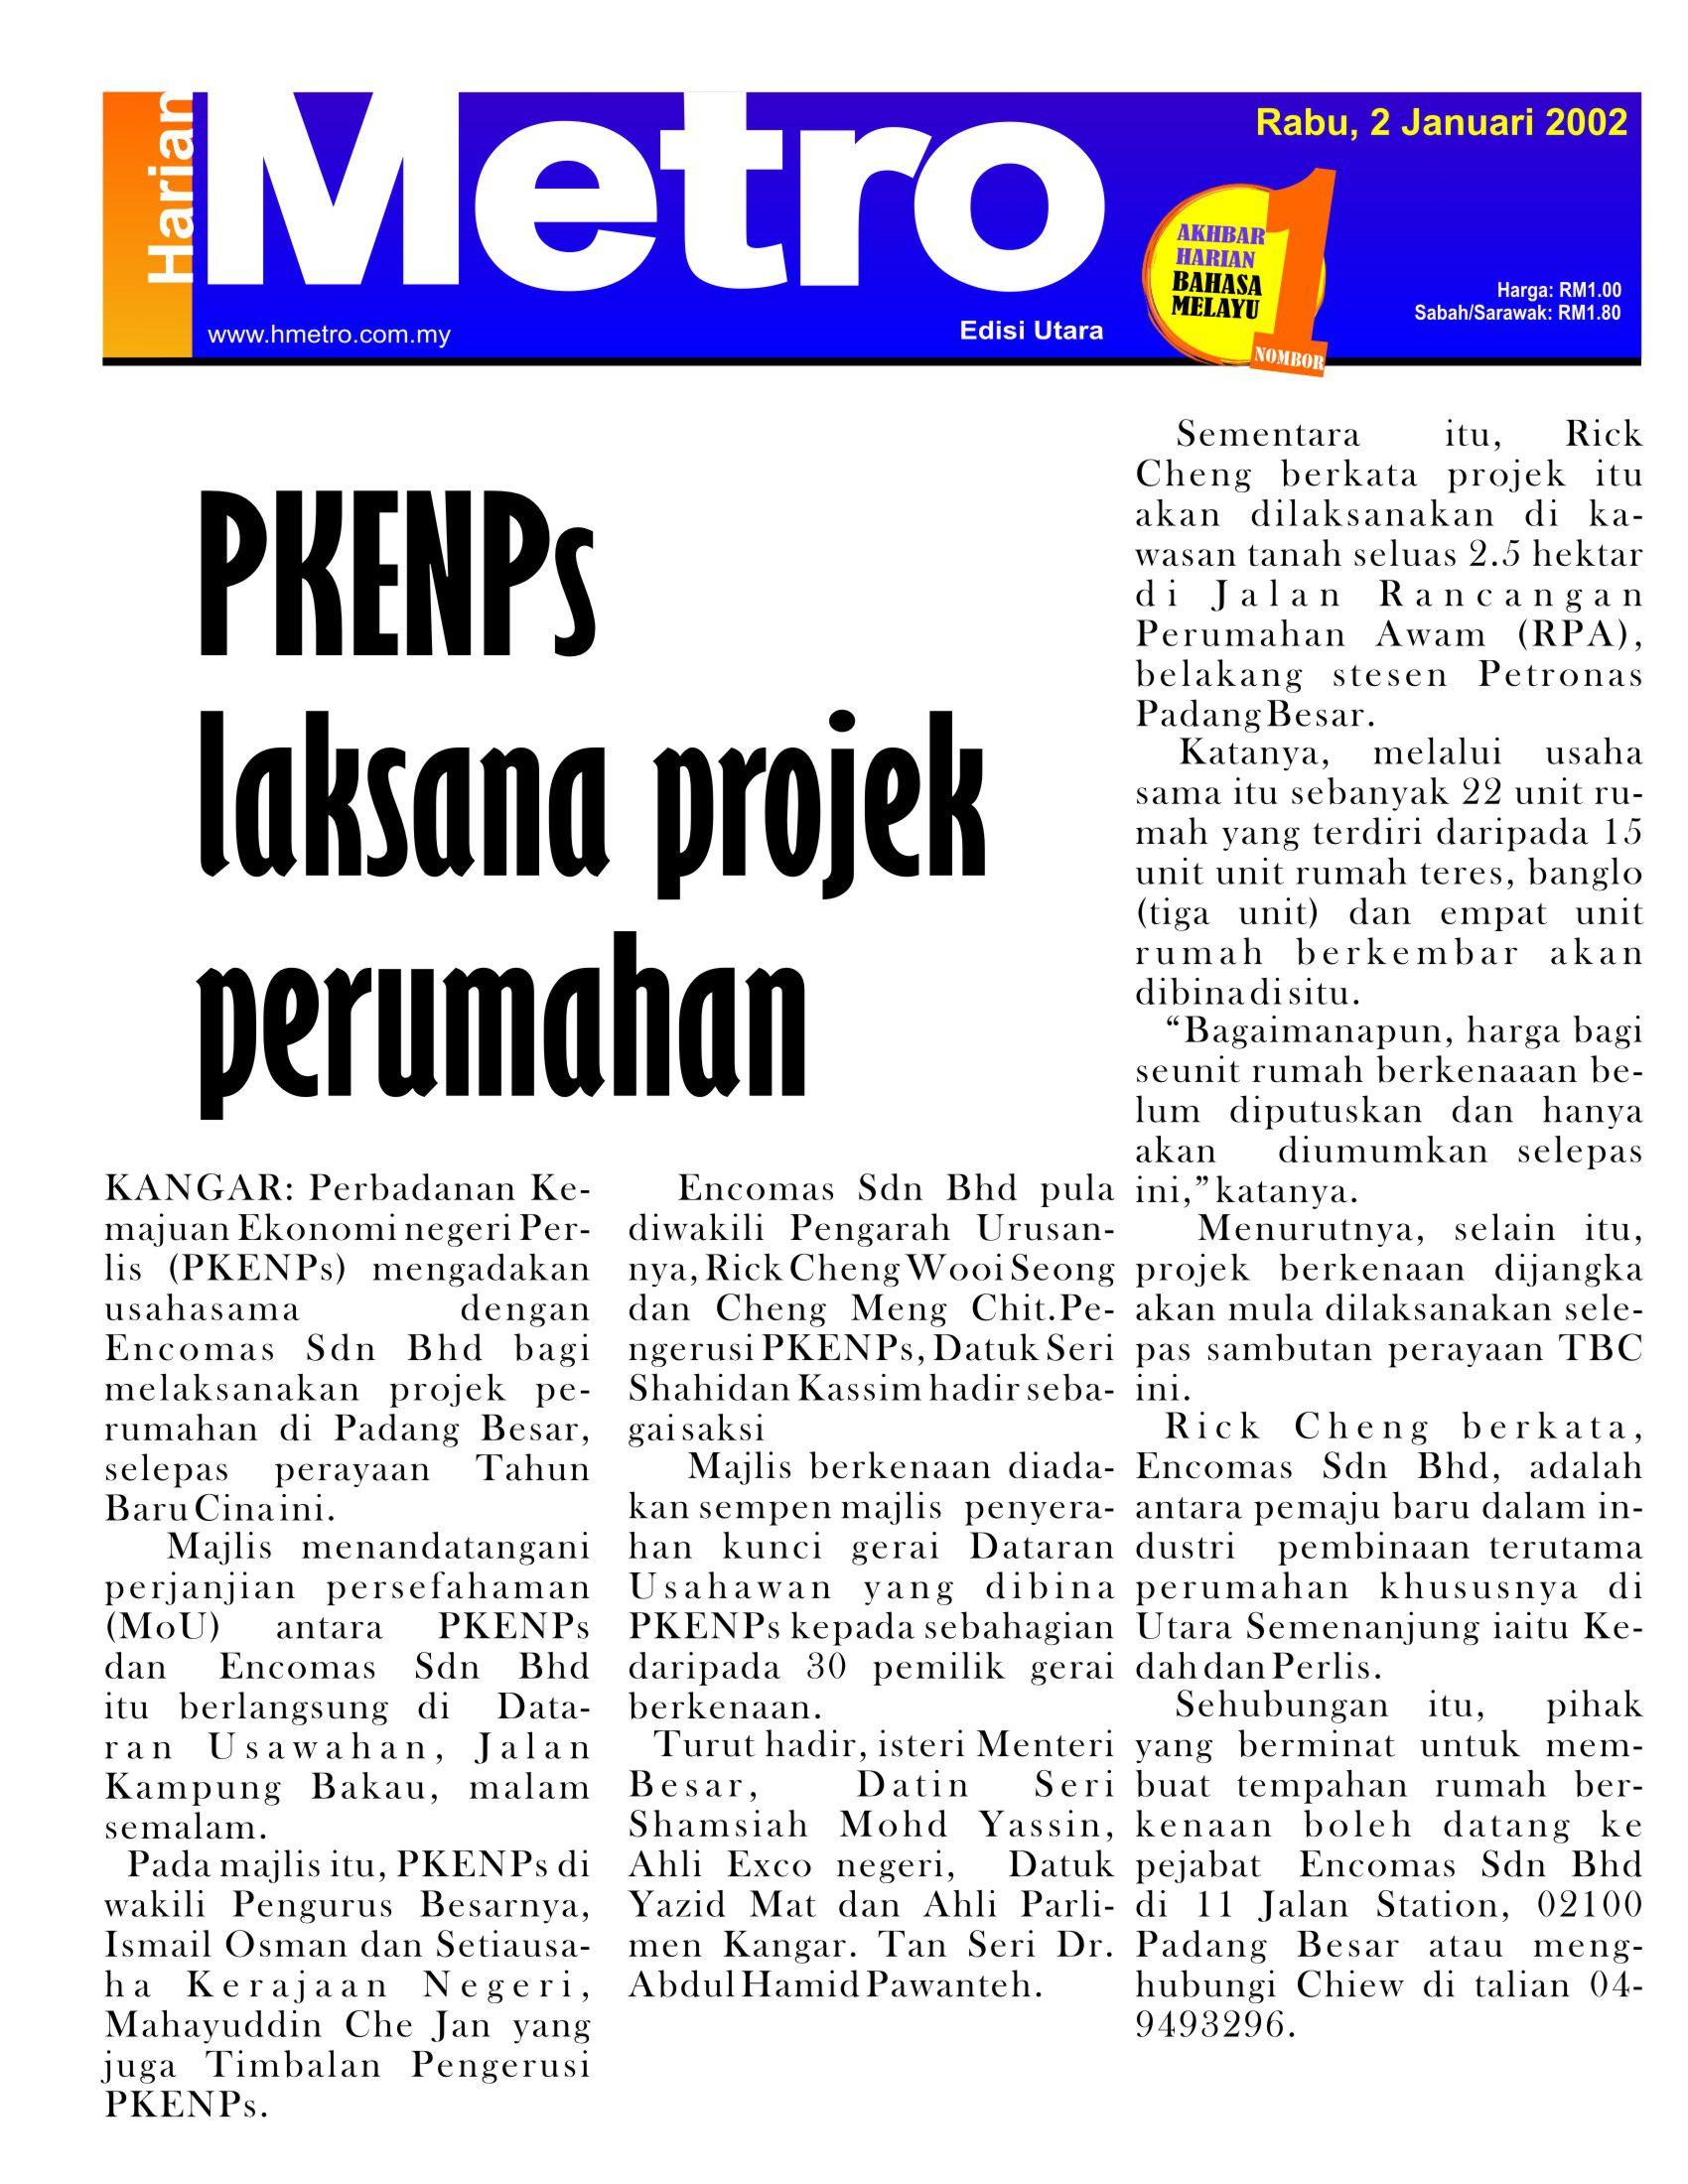 2002_01_02 metro - PKENPs laksana projek perumahan dengan Encomas